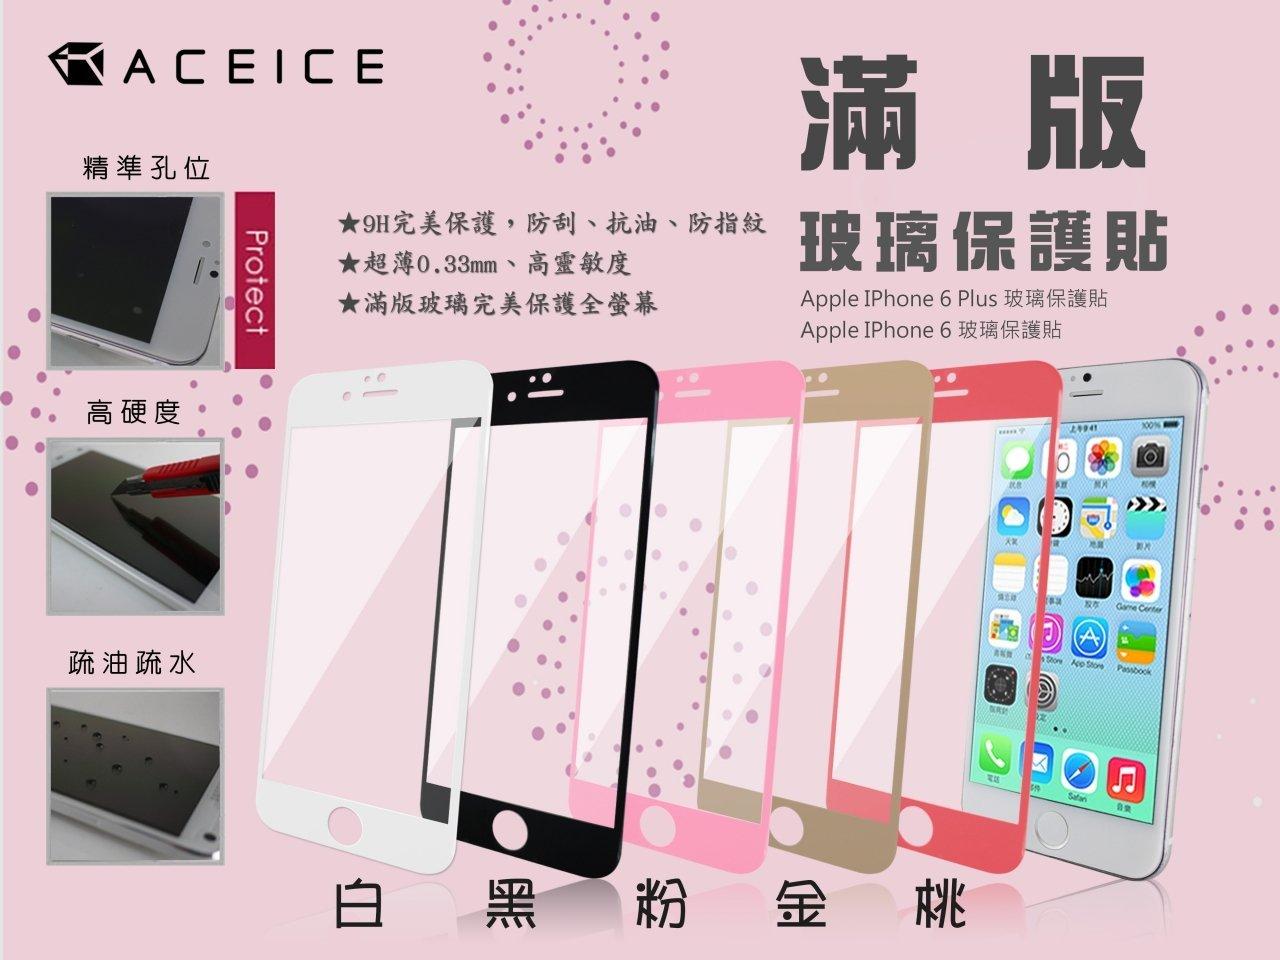 Apple蘋果疏油防爆硬度9H金剛鋼化膜0.33公分滿版玻璃螢幕保護貼黑色白色-iphone6 plus